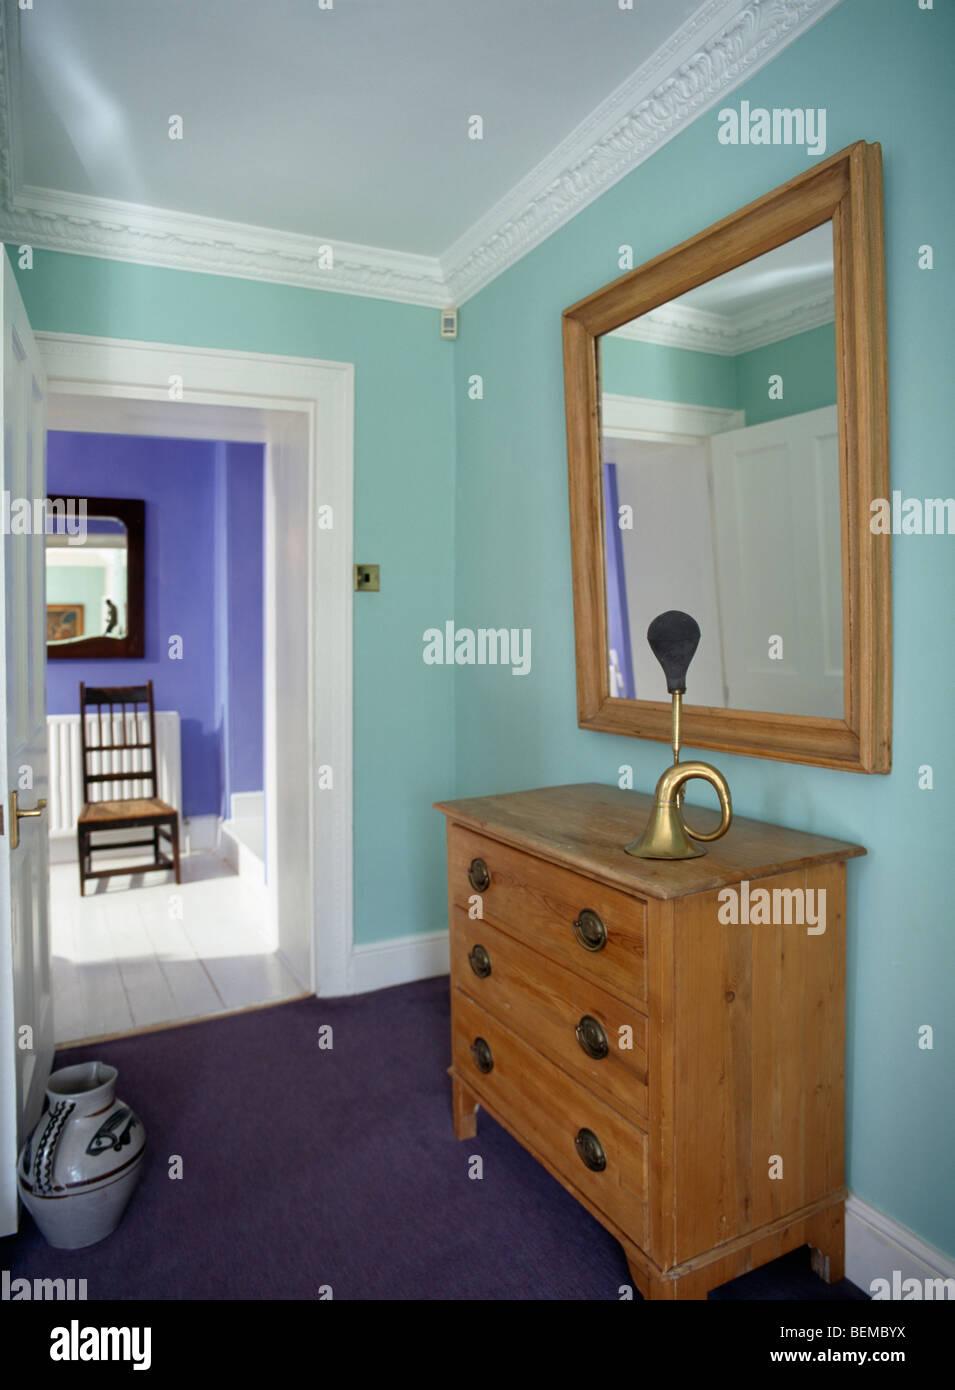 Spiegel über der Kommode auf Türkis Landung mit Tür öffnen in blauen ...